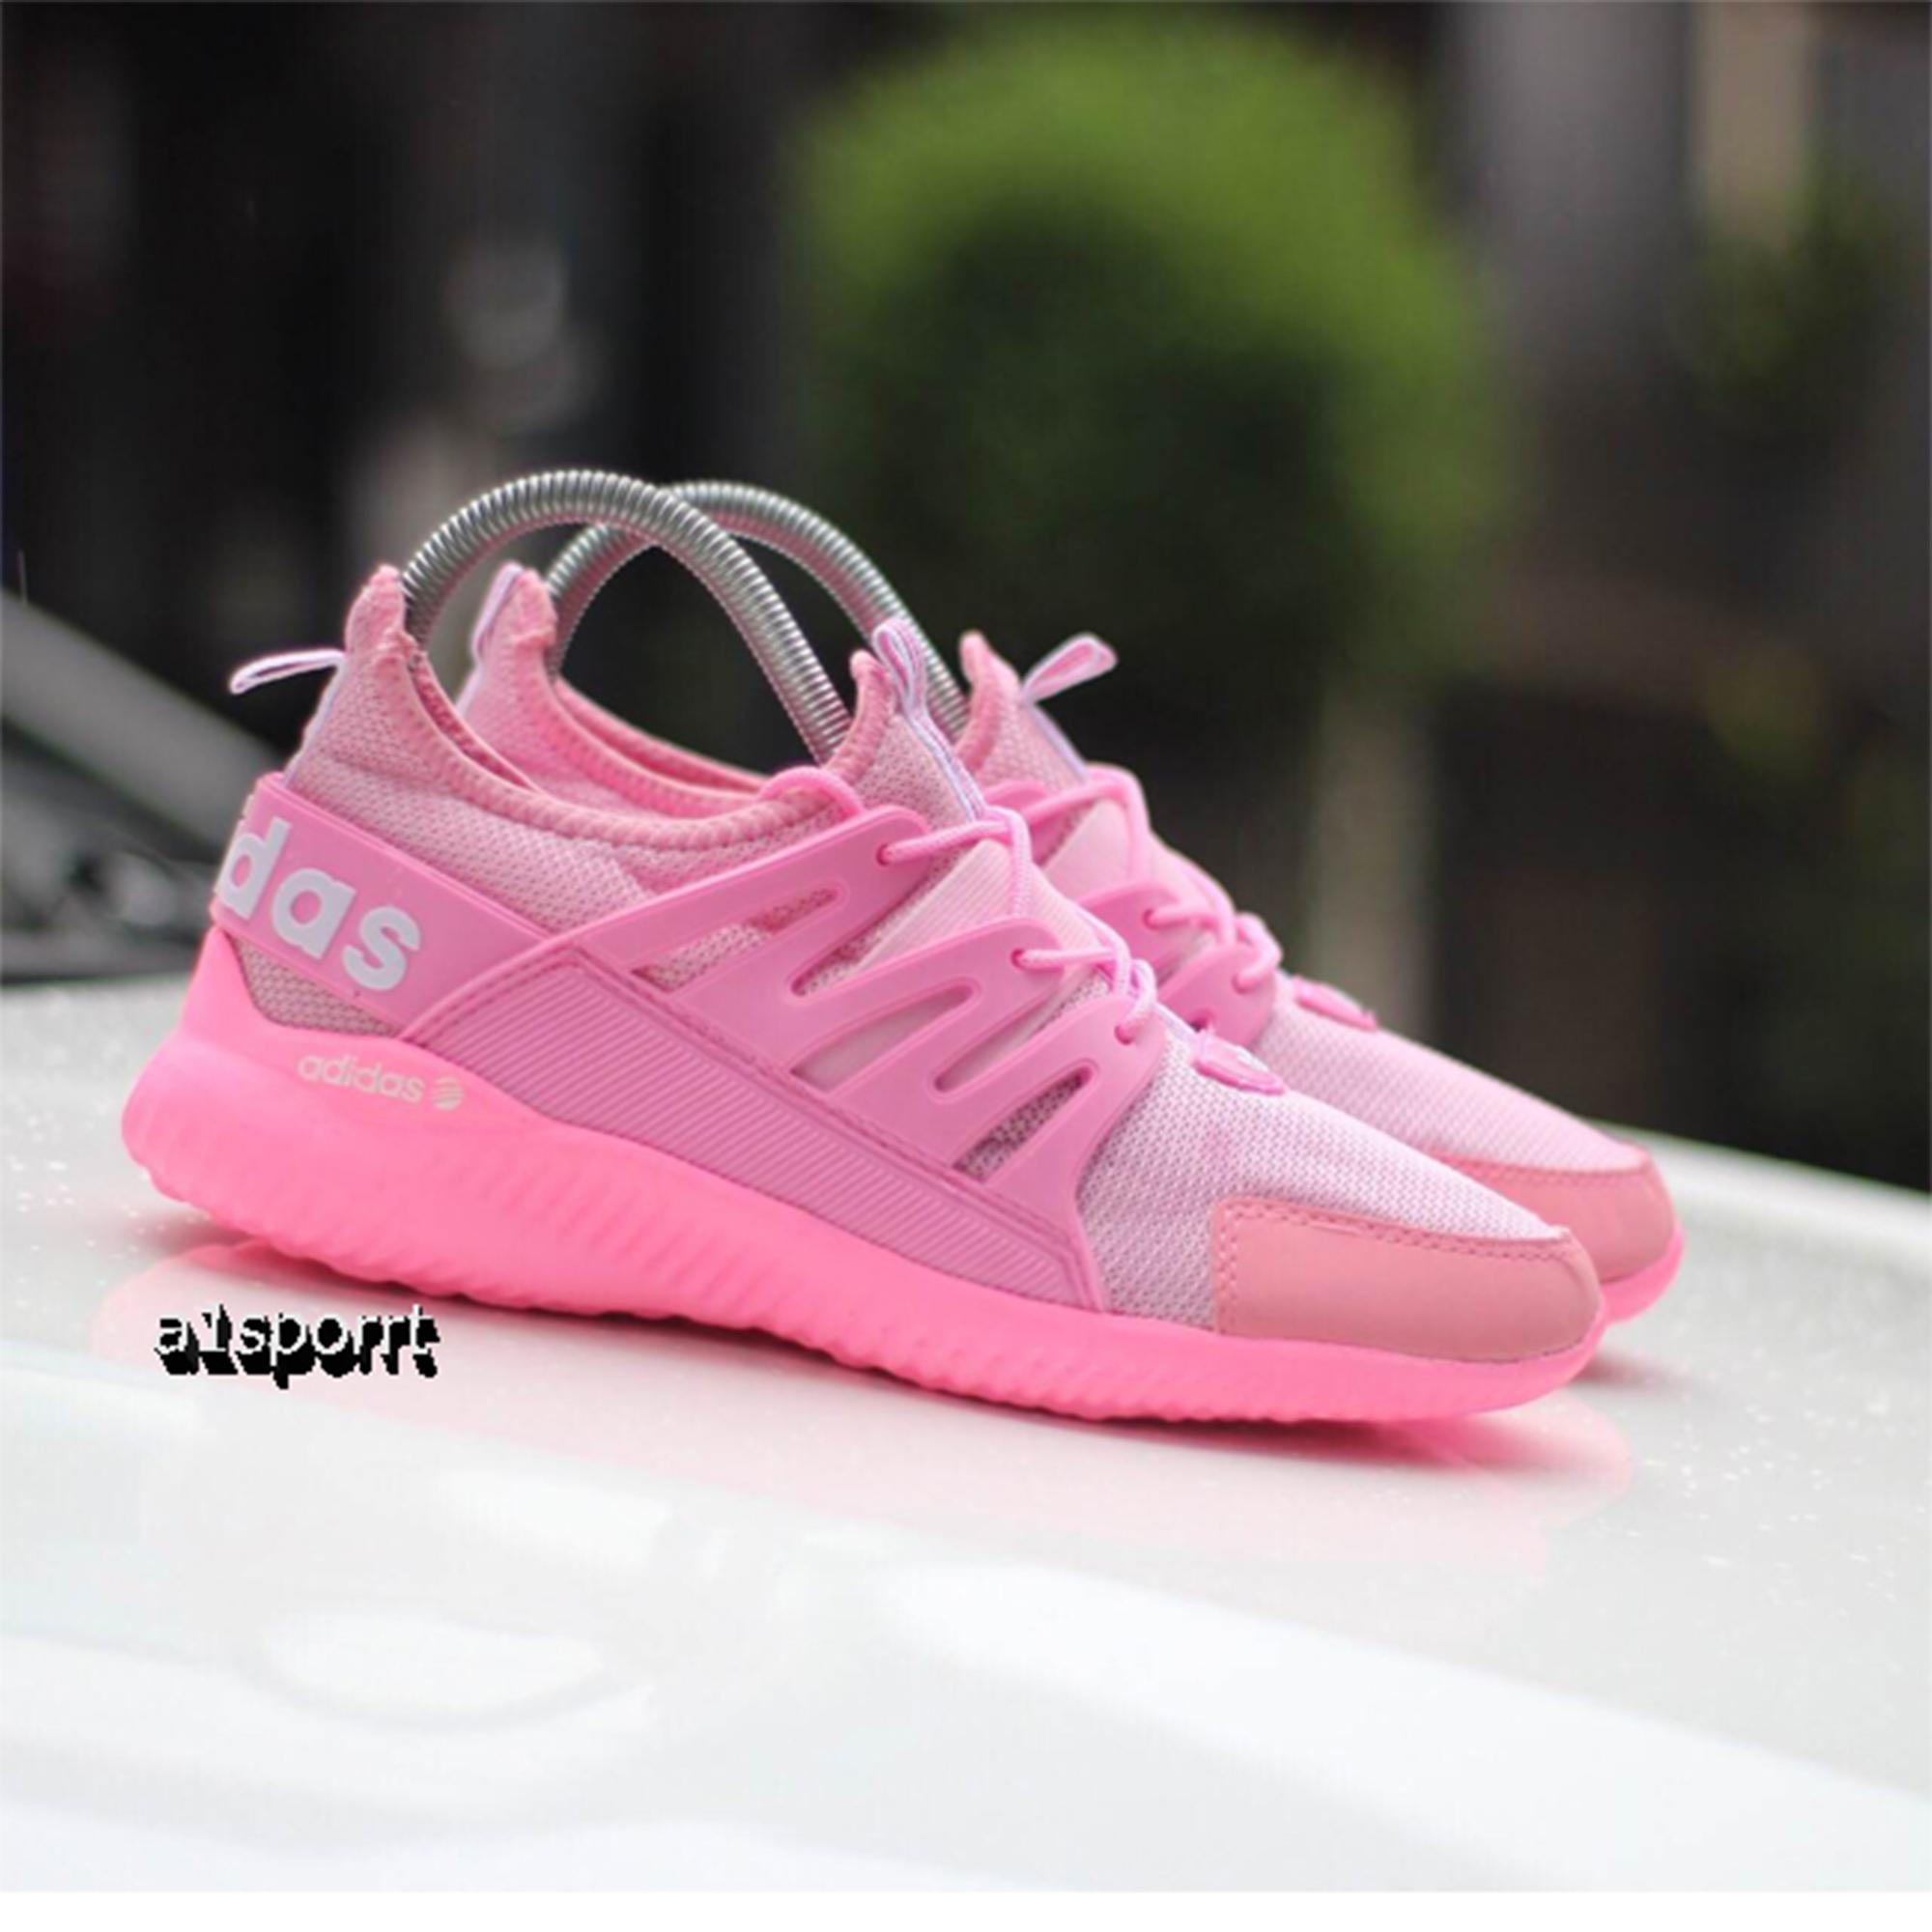 Cek Harga Baru Sepatu Adidas Alphabounce Cowok Terkini Situs  Sneakers Olahraga Running Alpha Bounce Murah Kualitas Premium Pink